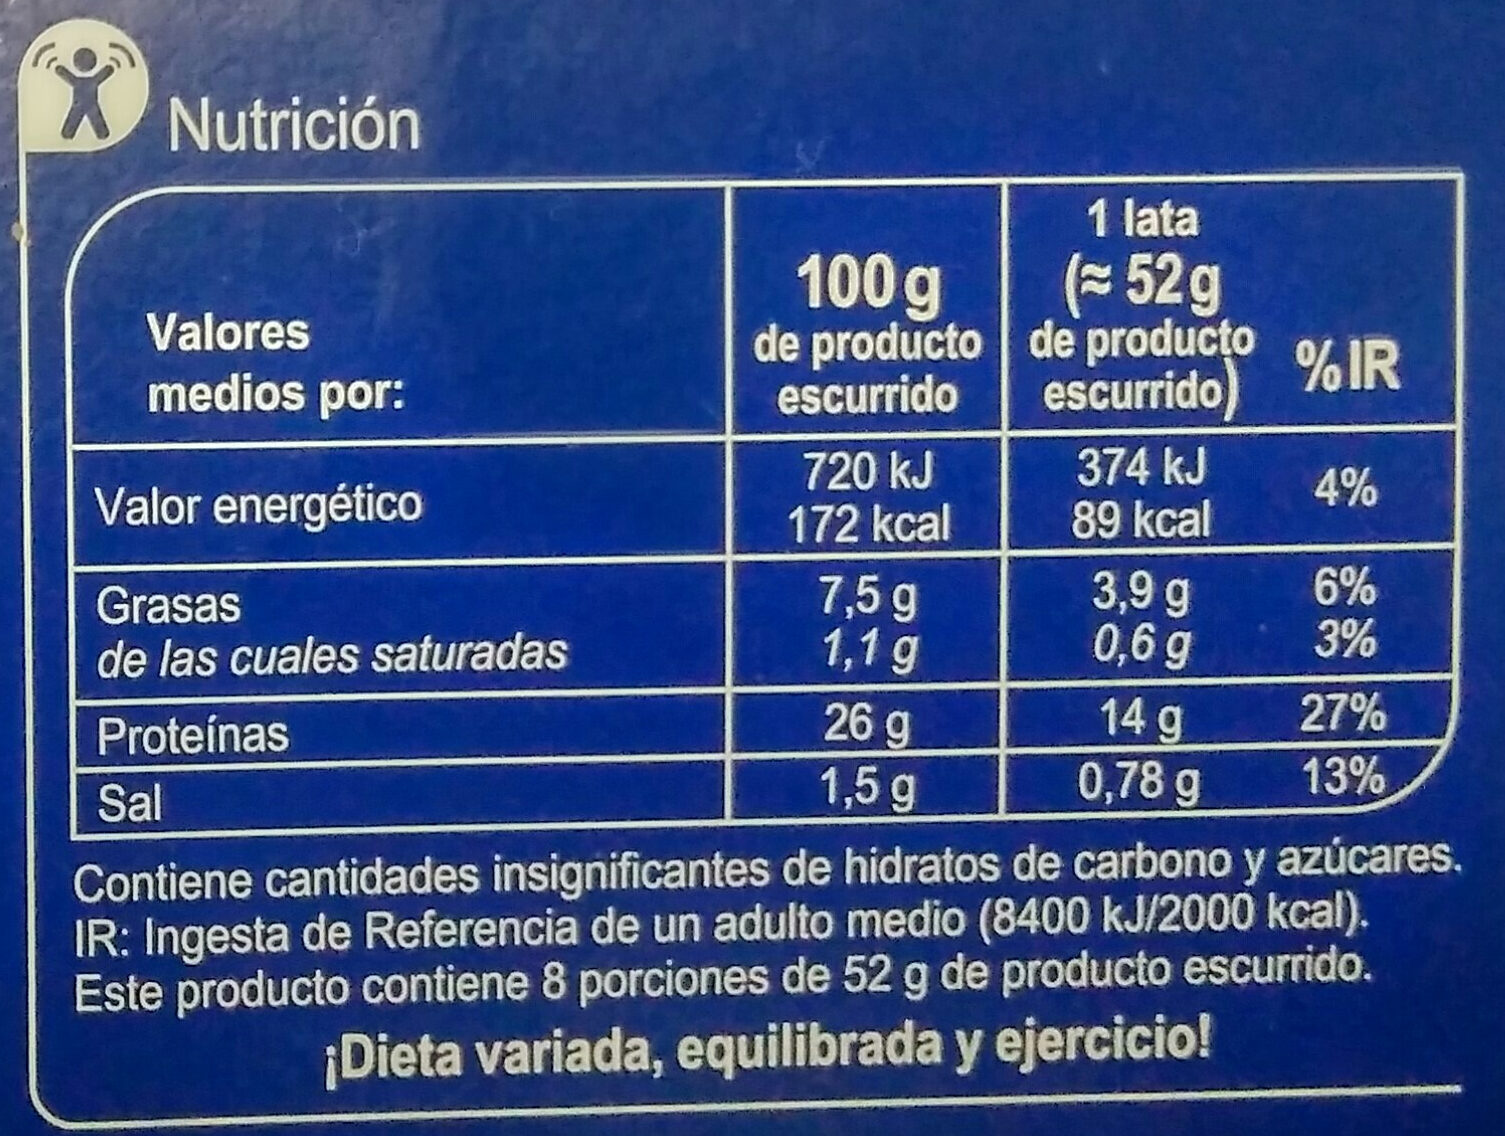 Atún claro en aceite de oliva - Información nutricional - es